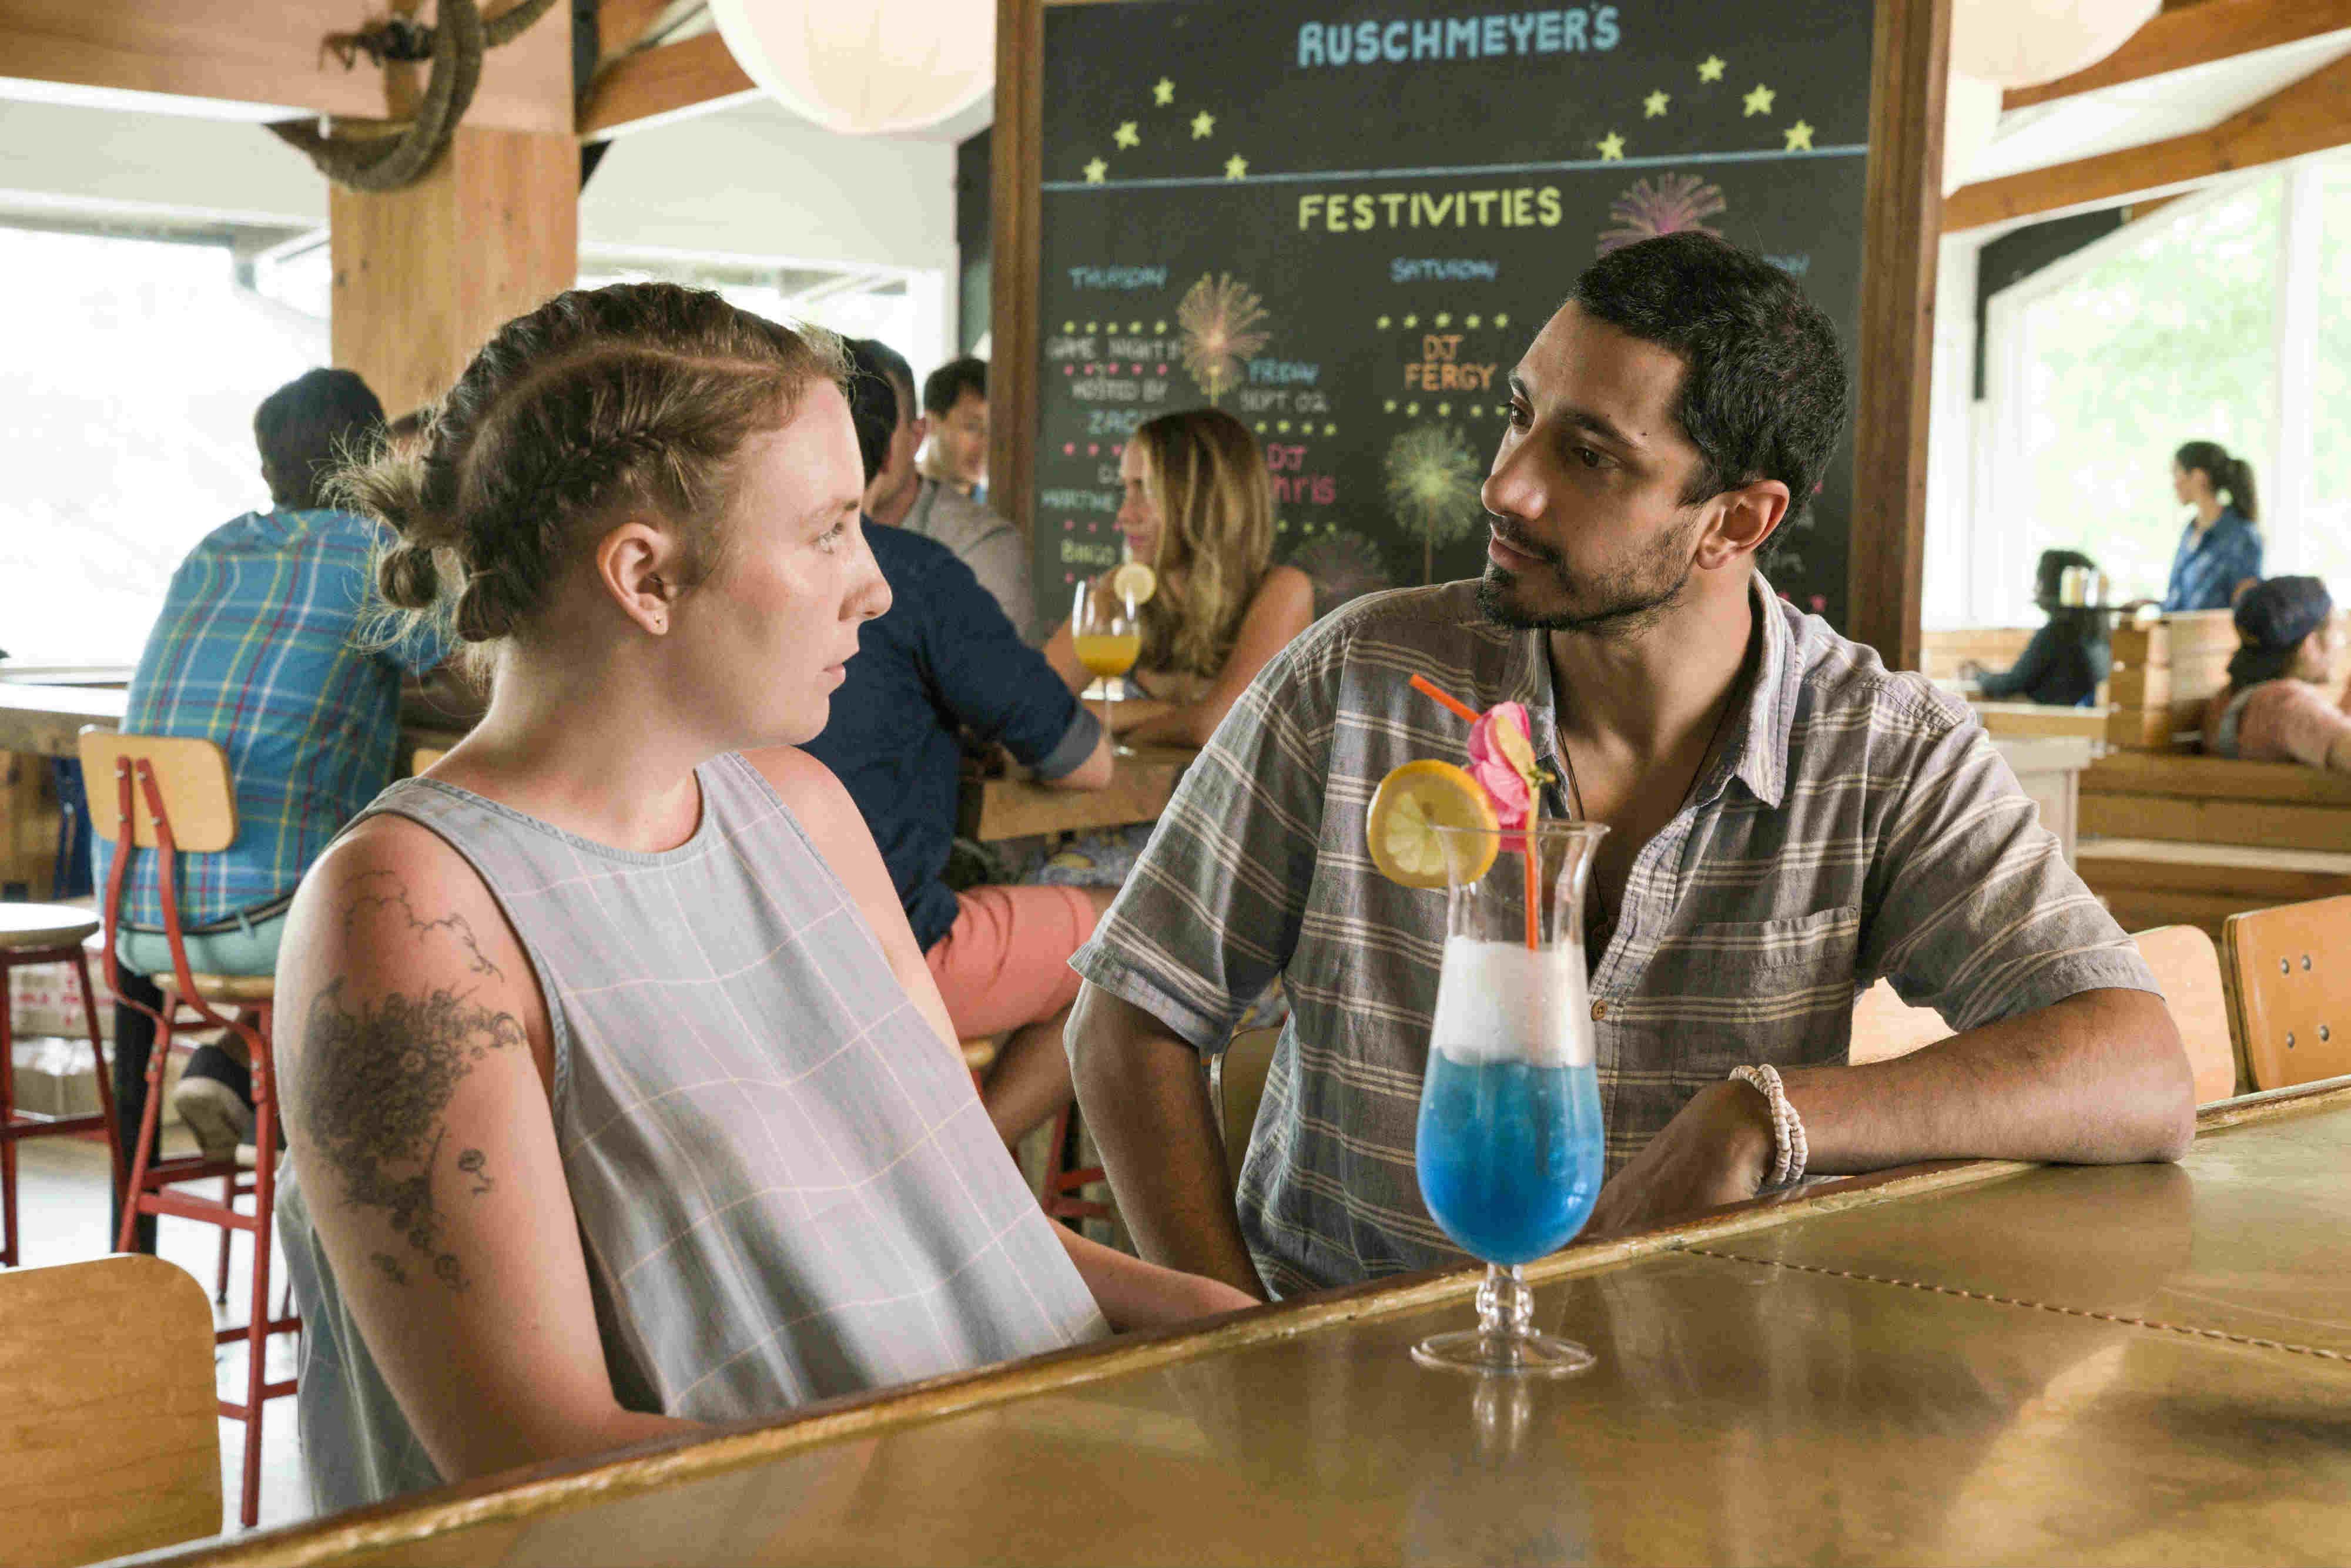 3. Du er havnet til en fernisering/undergrundsfest i et gammelt pakhus i Williamsburg og går op i baren og bestiller. Hvad skal du have?